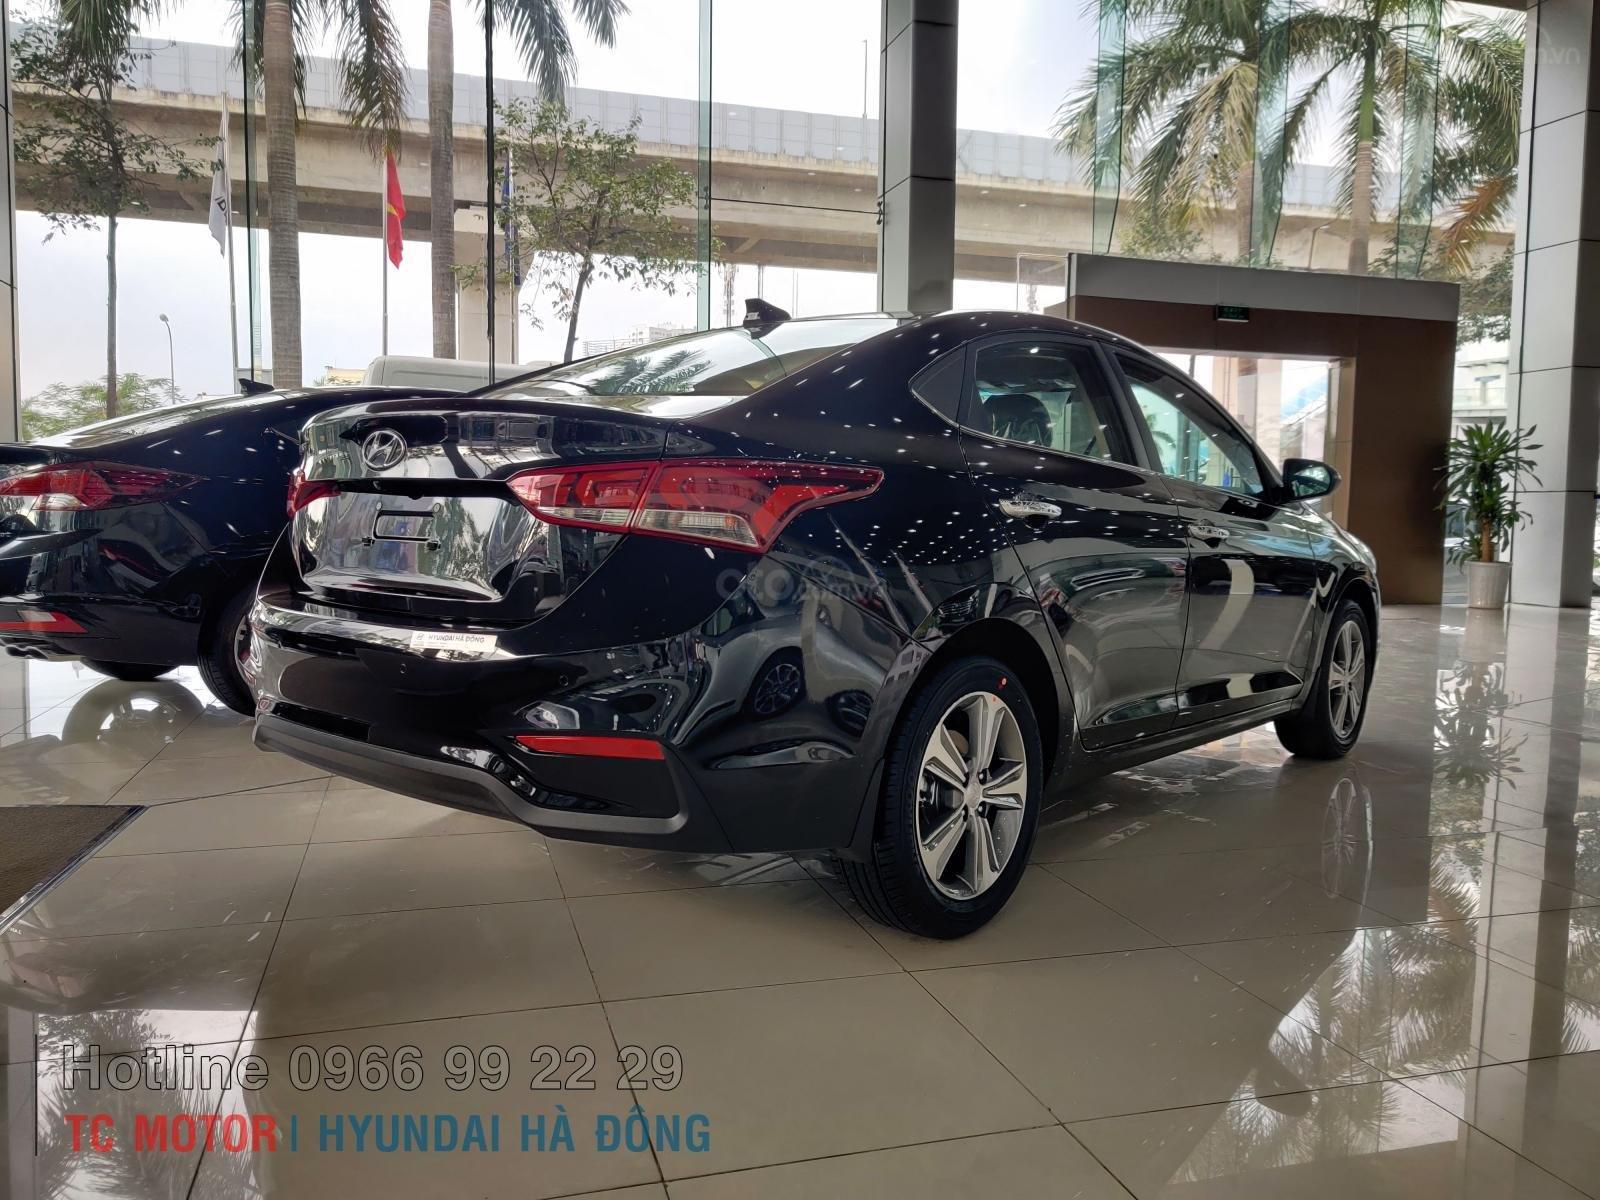 Hyundai Accent 1.6 AT 2020 bản đặc biệt - Giá tốt nhất Hà Nội (10)